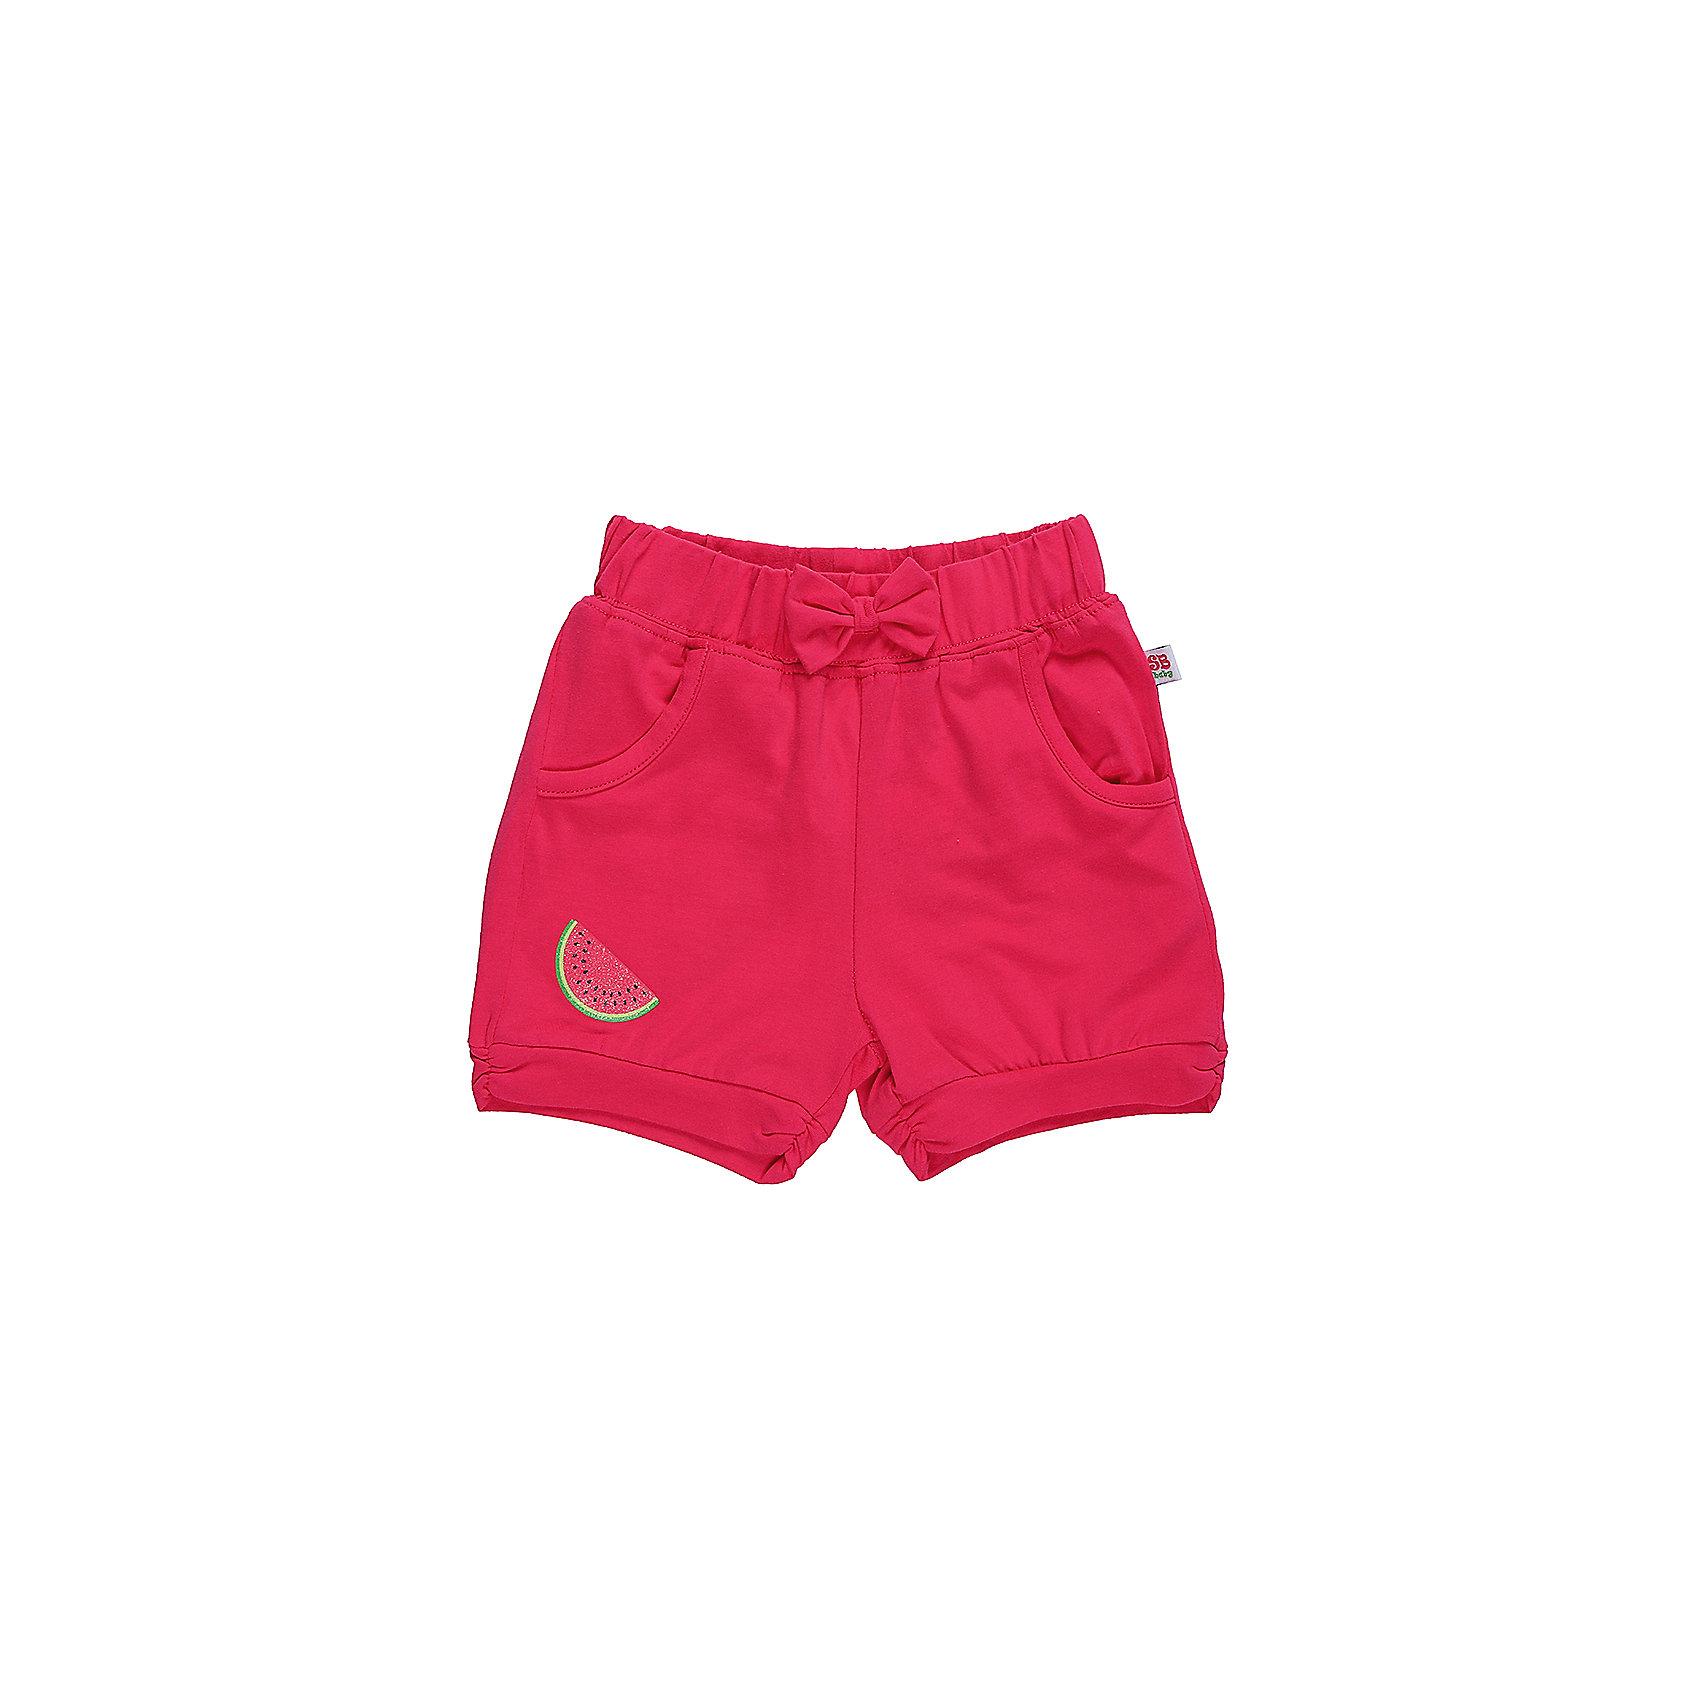 Шорты для девочки Sweet BerryЯркие трикотажные короткие шорты для девочки.  Спереди два   кармана. Низ брючины декорирован яркой аппликацией. Эластичный пояс.<br>Состав:<br>95%хлопок 5%эластан<br><br>Ширина мм: 191<br>Глубина мм: 10<br>Высота мм: 175<br>Вес г: 273<br>Цвет: фиолетовый<br>Возраст от месяцев: 12<br>Возраст до месяцев: 15<br>Пол: Женский<br>Возраст: Детский<br>Размер: 80,86,92,98<br>SKU: 5411348